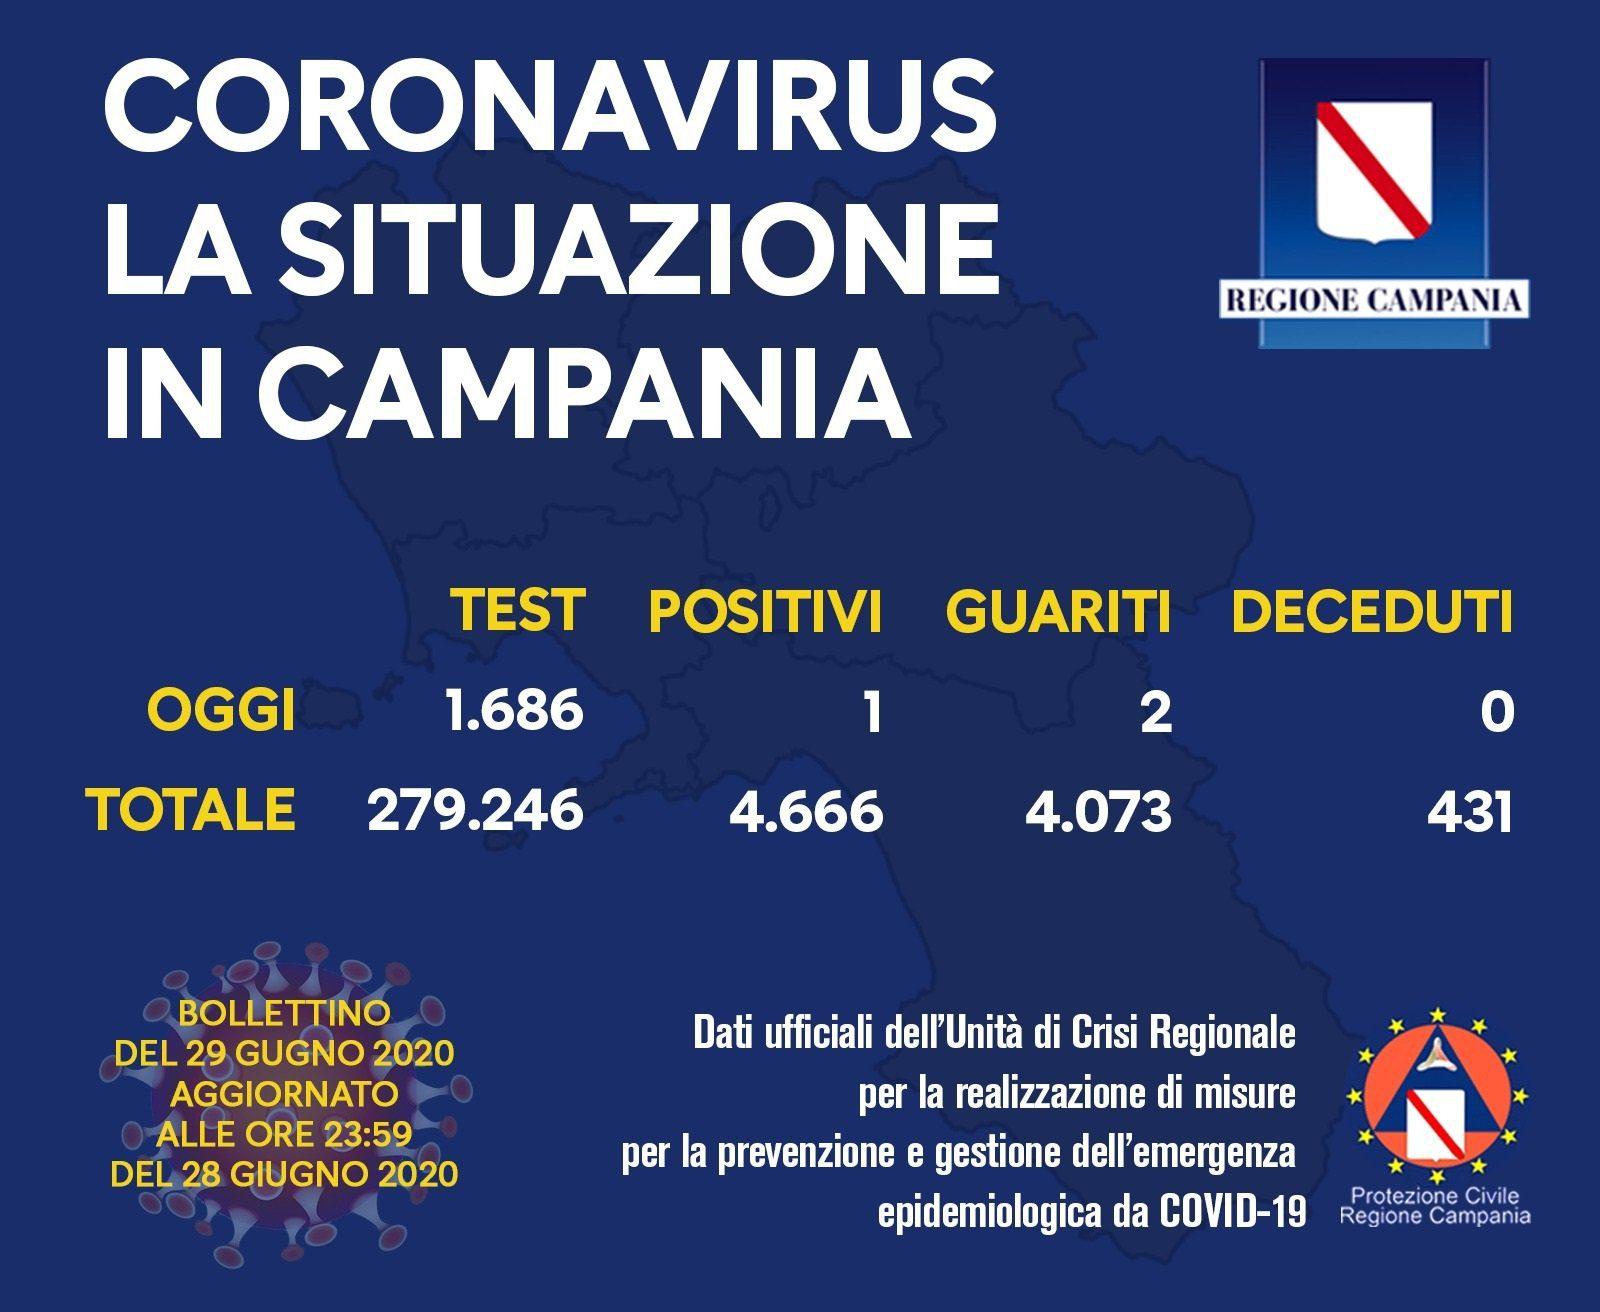 106367292 10158202328533257 8256561520197570013 o - COVID-19, IL BOLLETTINO ORDINARIO DELL'UNITÀ DI CRISI DELLA REGIONE CAMPANIA - 29/6/20